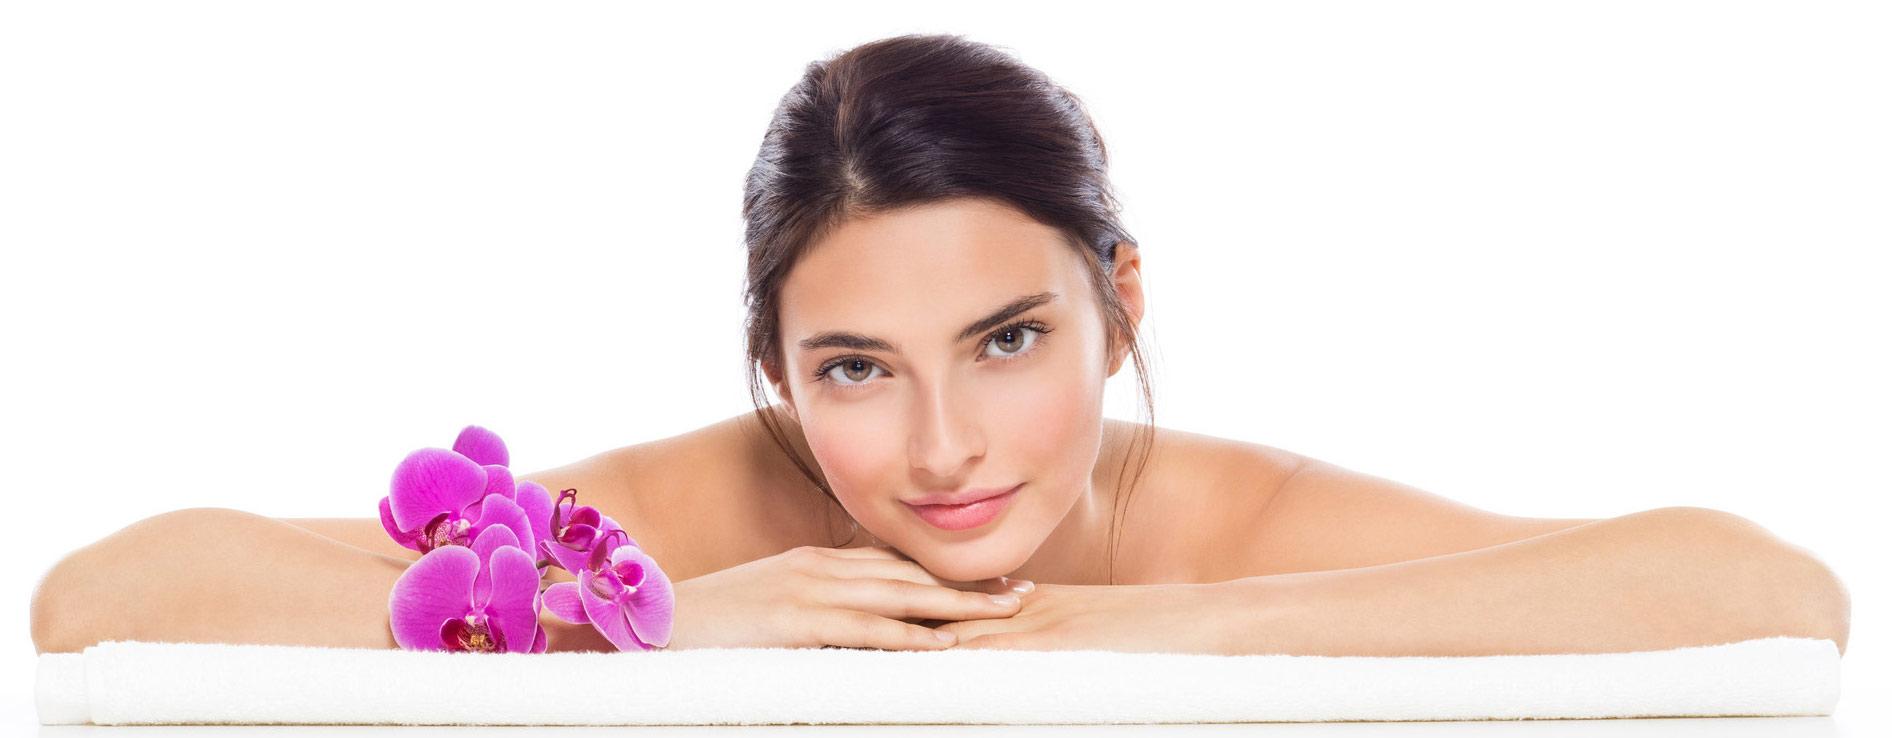 En el centro de Estética Medes en Guadassuar, contamos con una gran cantidad de tratamientos corporales para dejar relucir tu belleza natural